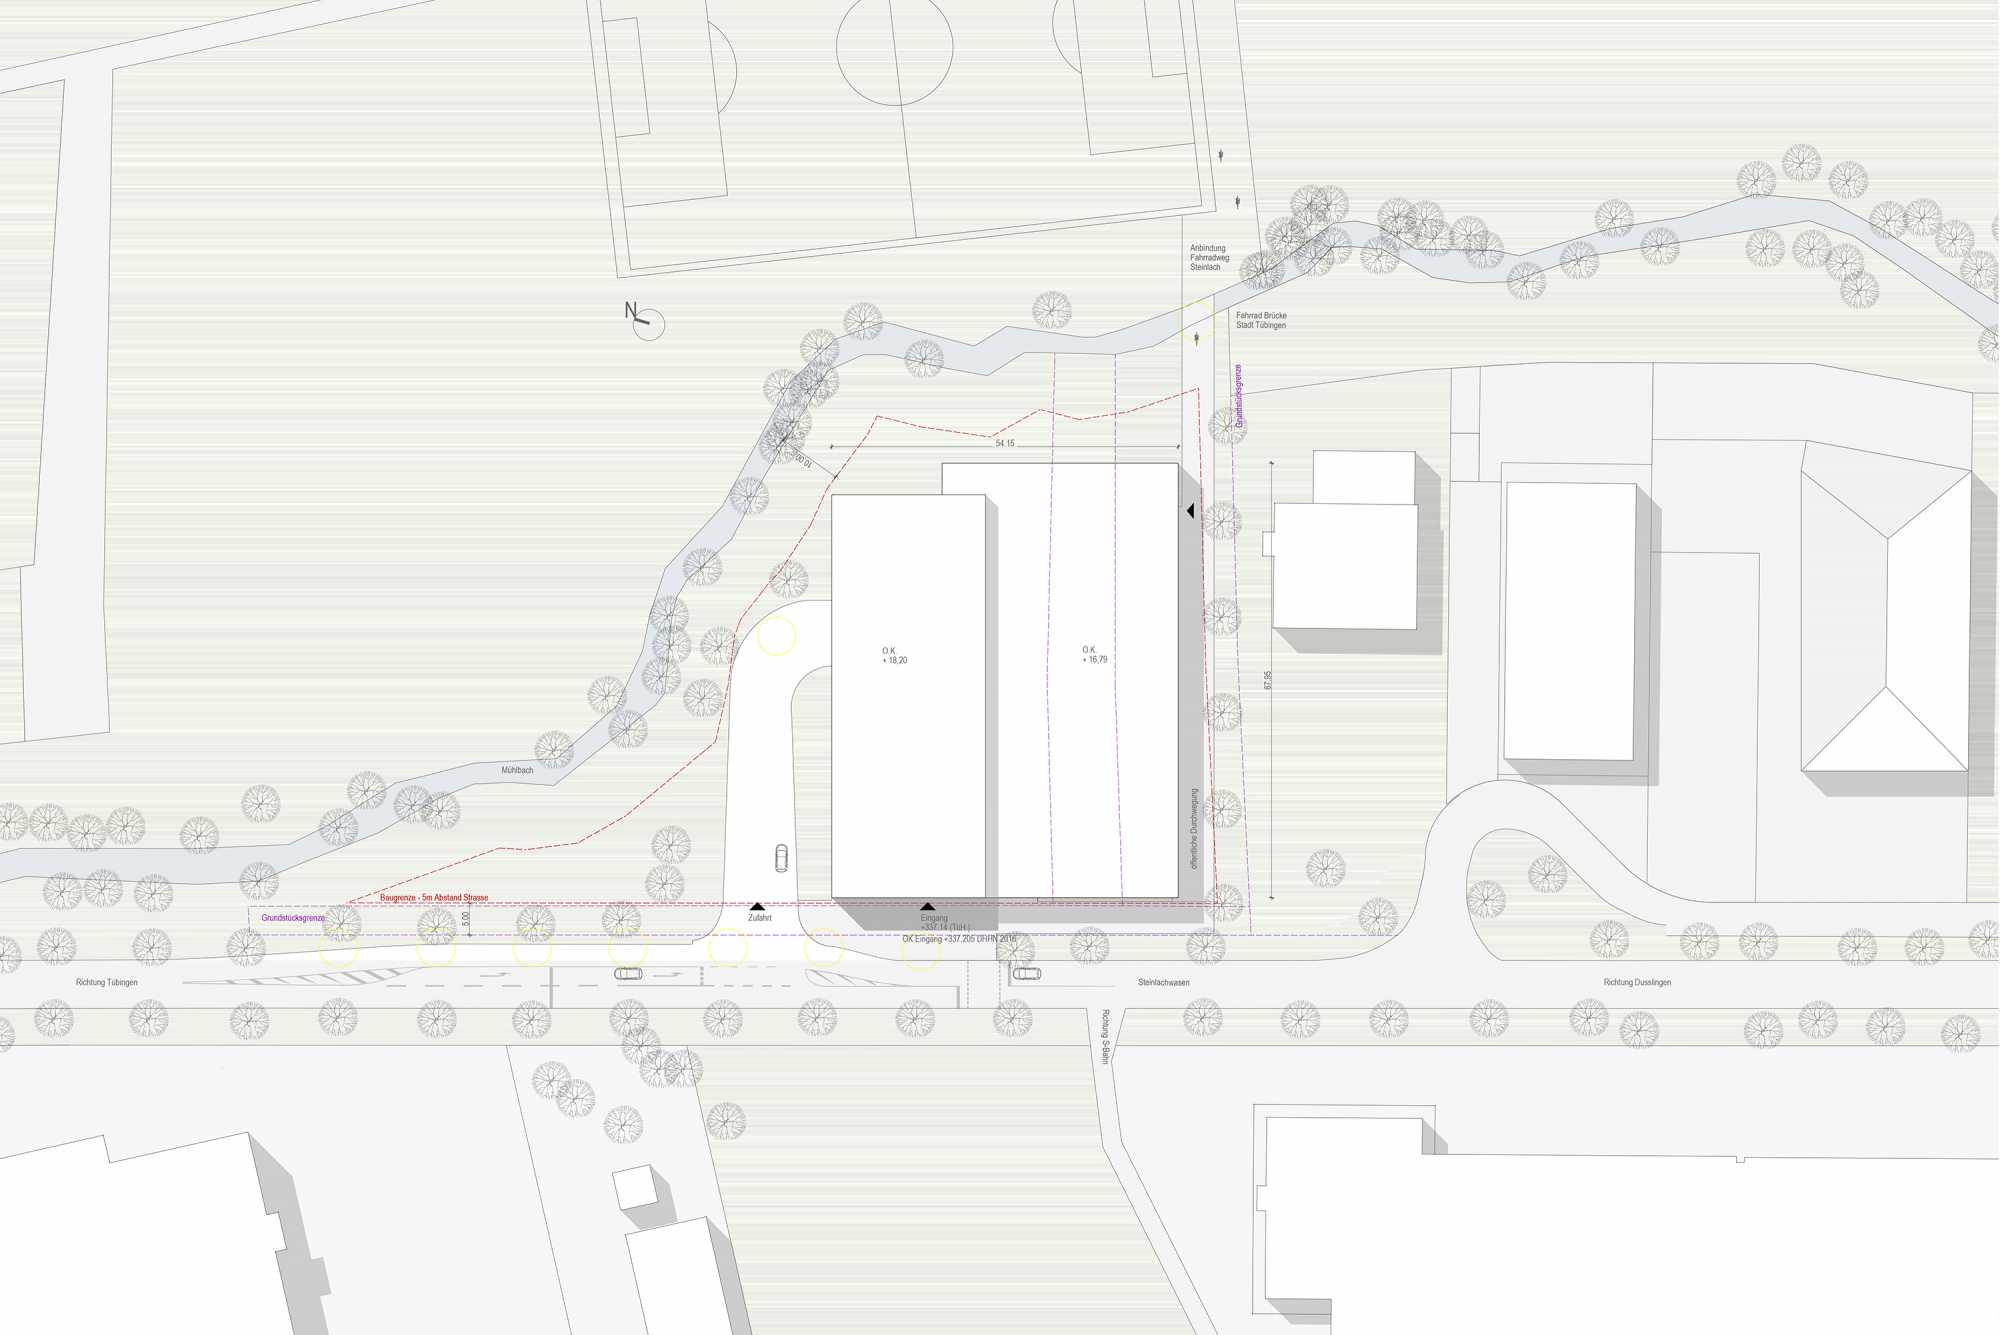 Parkhaus Steinlachwasen im Gestaltungsbeirat vorgestellt ({project_images:field_row_count})